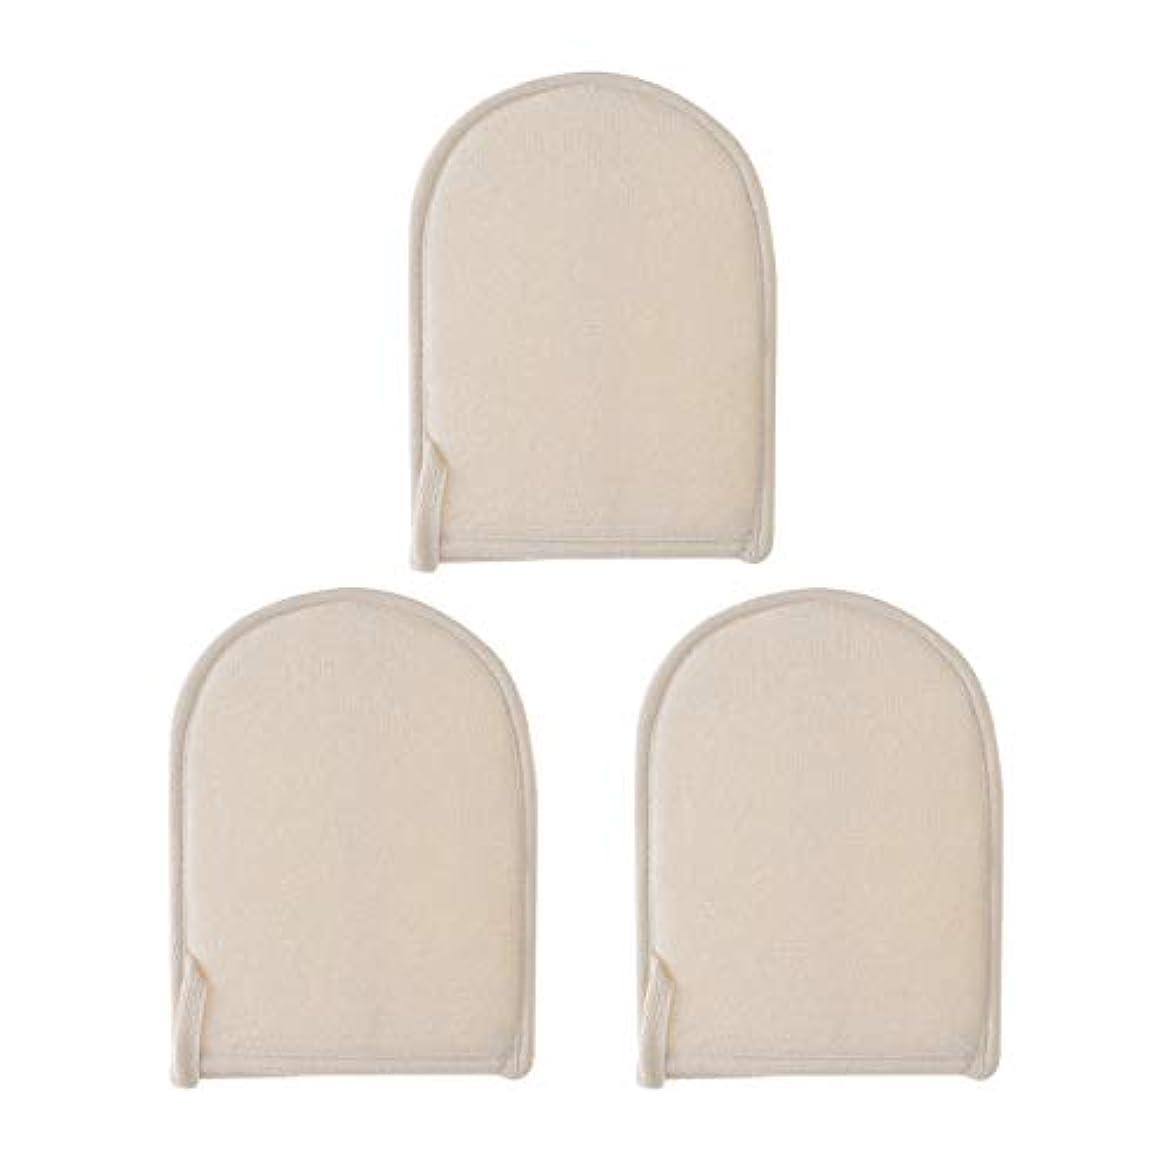 ケージ交じる本質的ではないHEALIFTY ボディクリーニング手袋バス剥離手袋シャワースポンジスクラバー3個